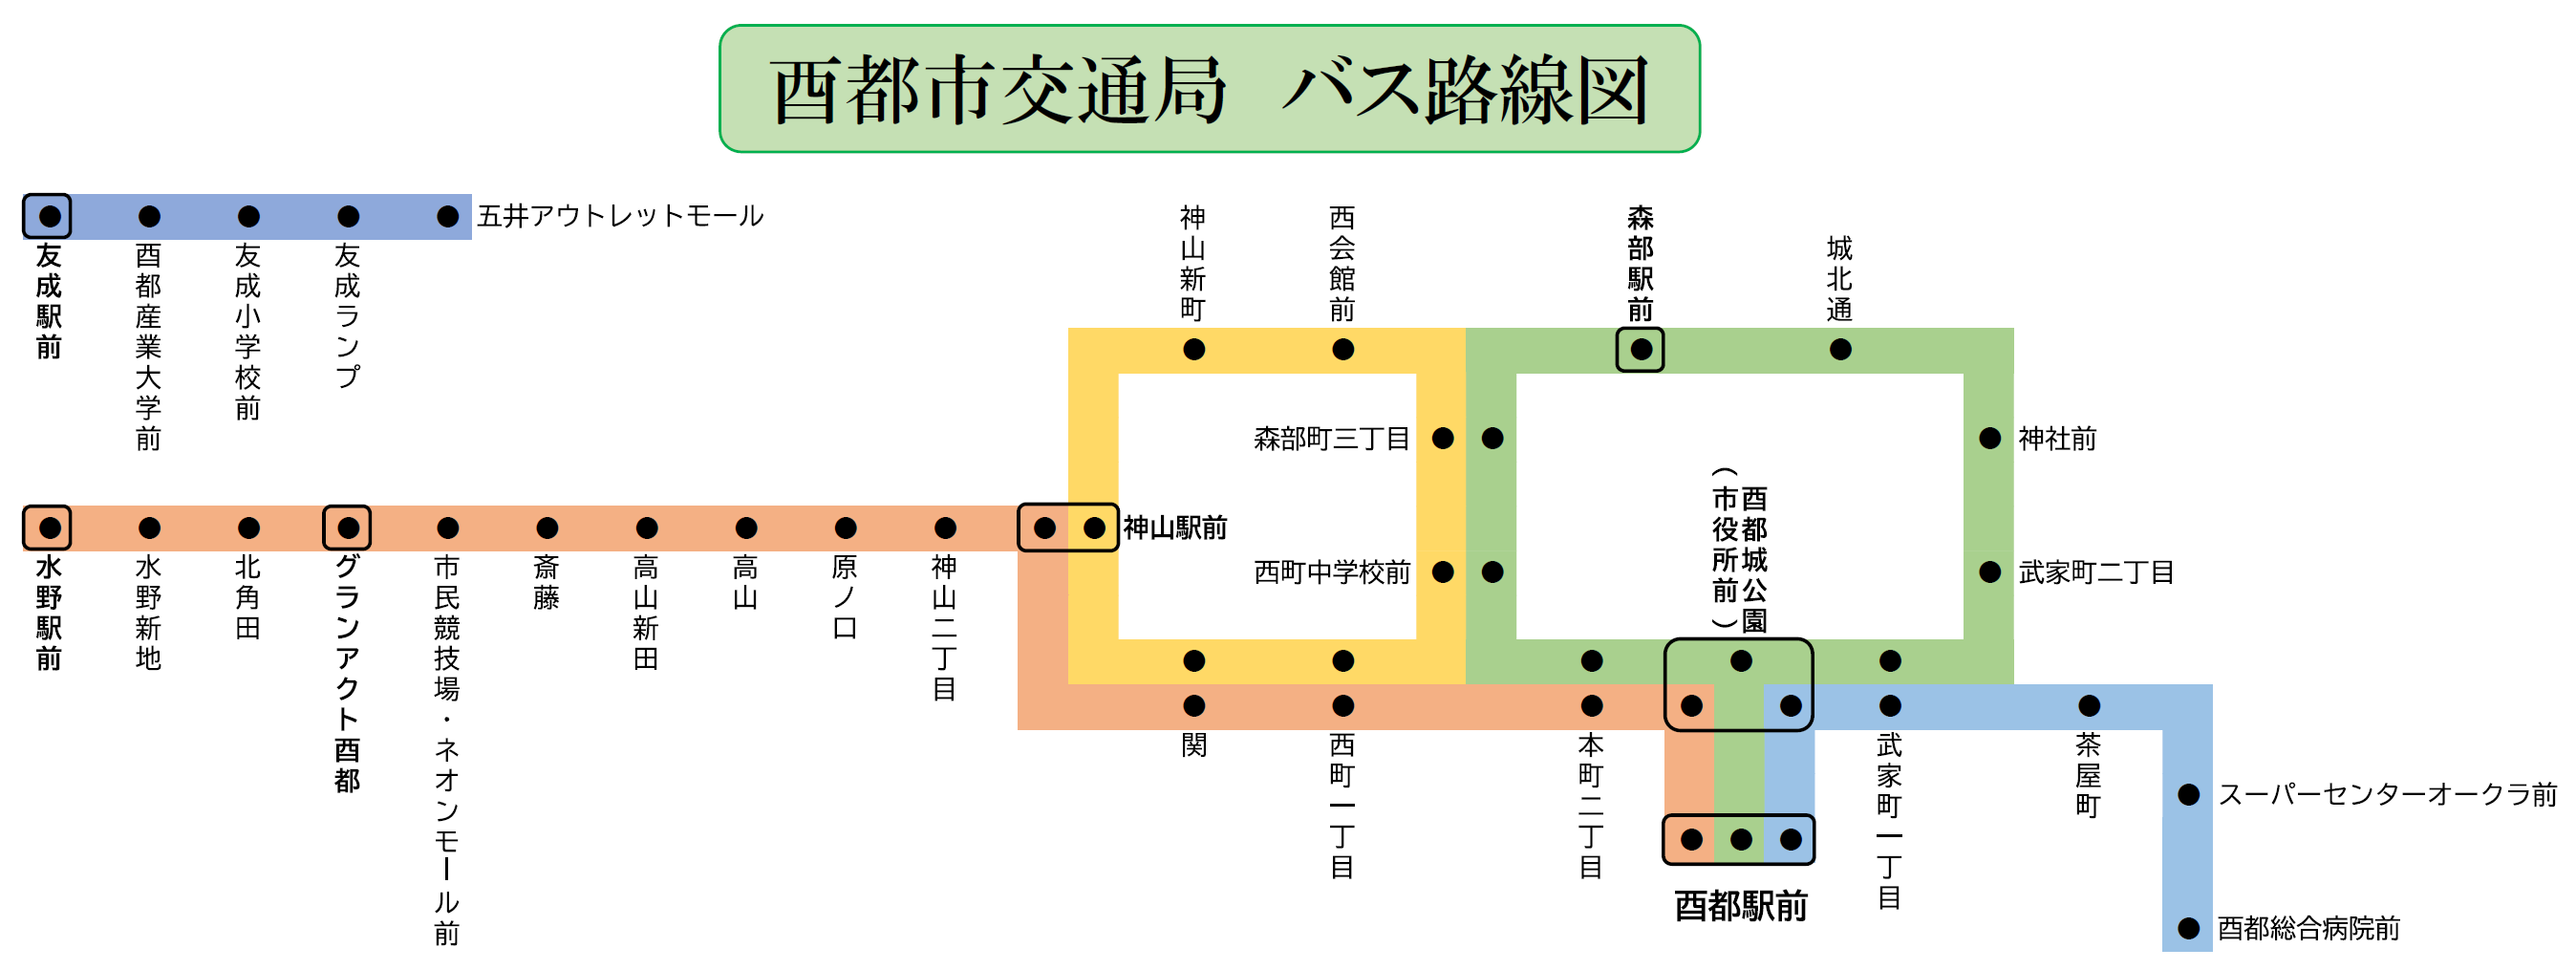 酉都市交通局バス路線図2.png